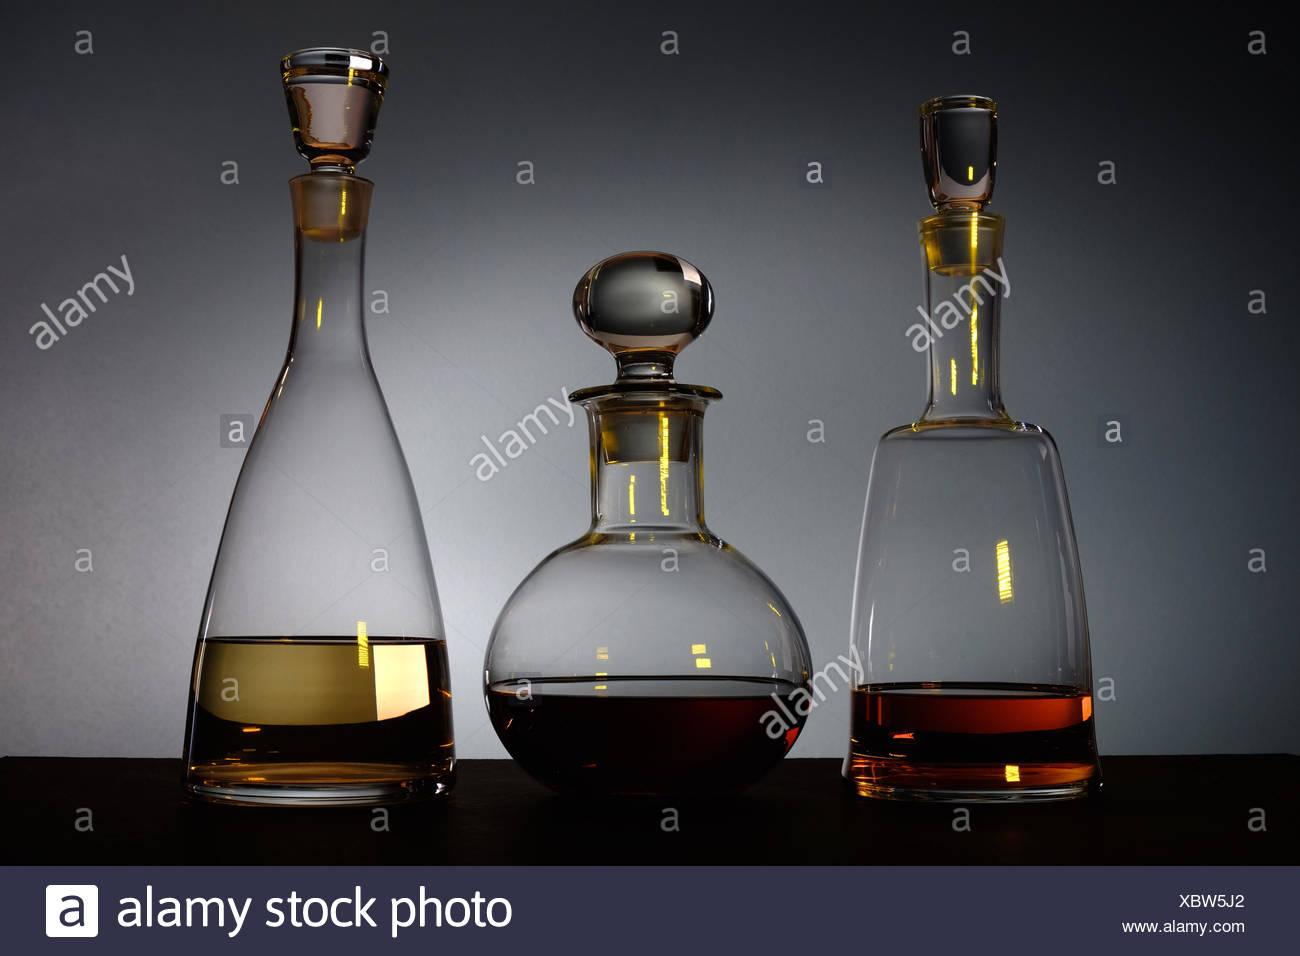 marchi riconosciuti materiali di alta qualità aliexpress Spia gialla si riflette tre vetro decorativo decantatori con ...